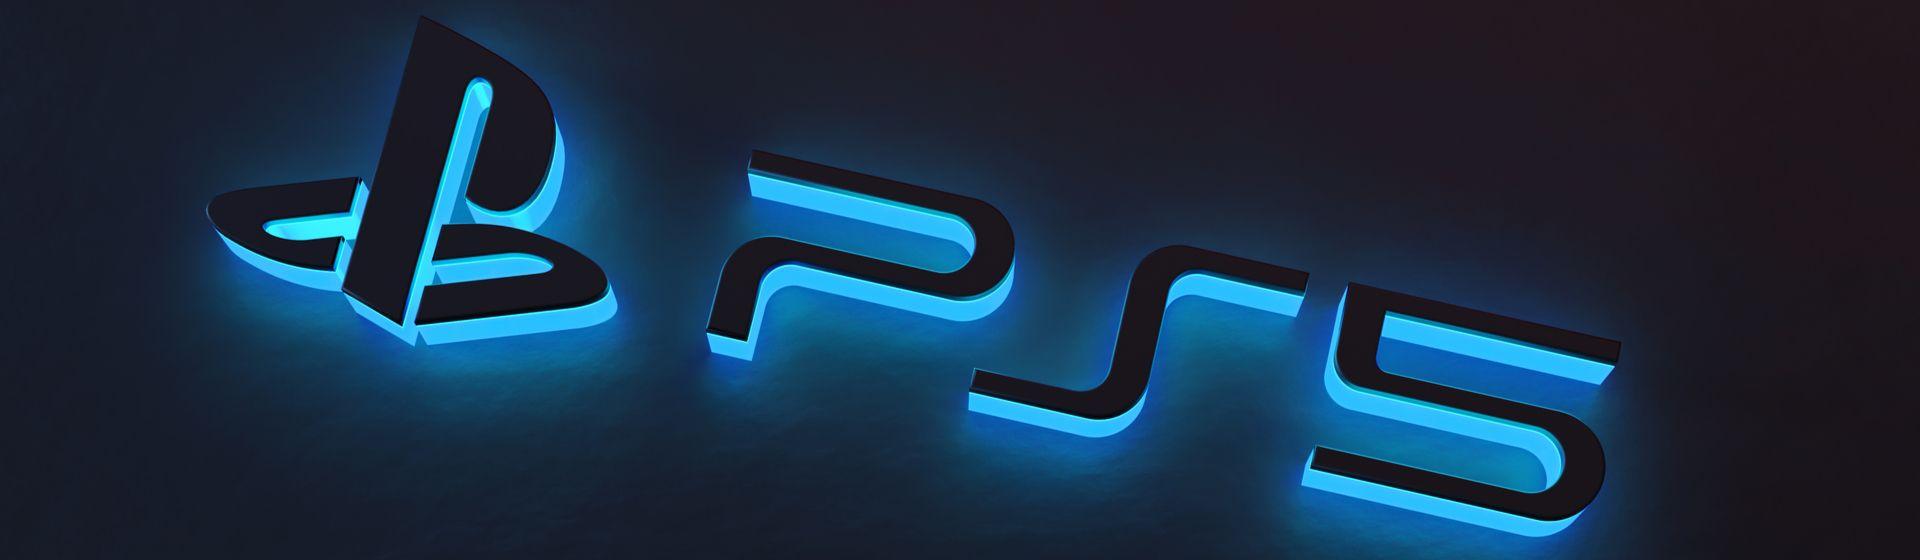 Sony divulga tutoriais em vídeo que ensinam a usar o Playstation 5